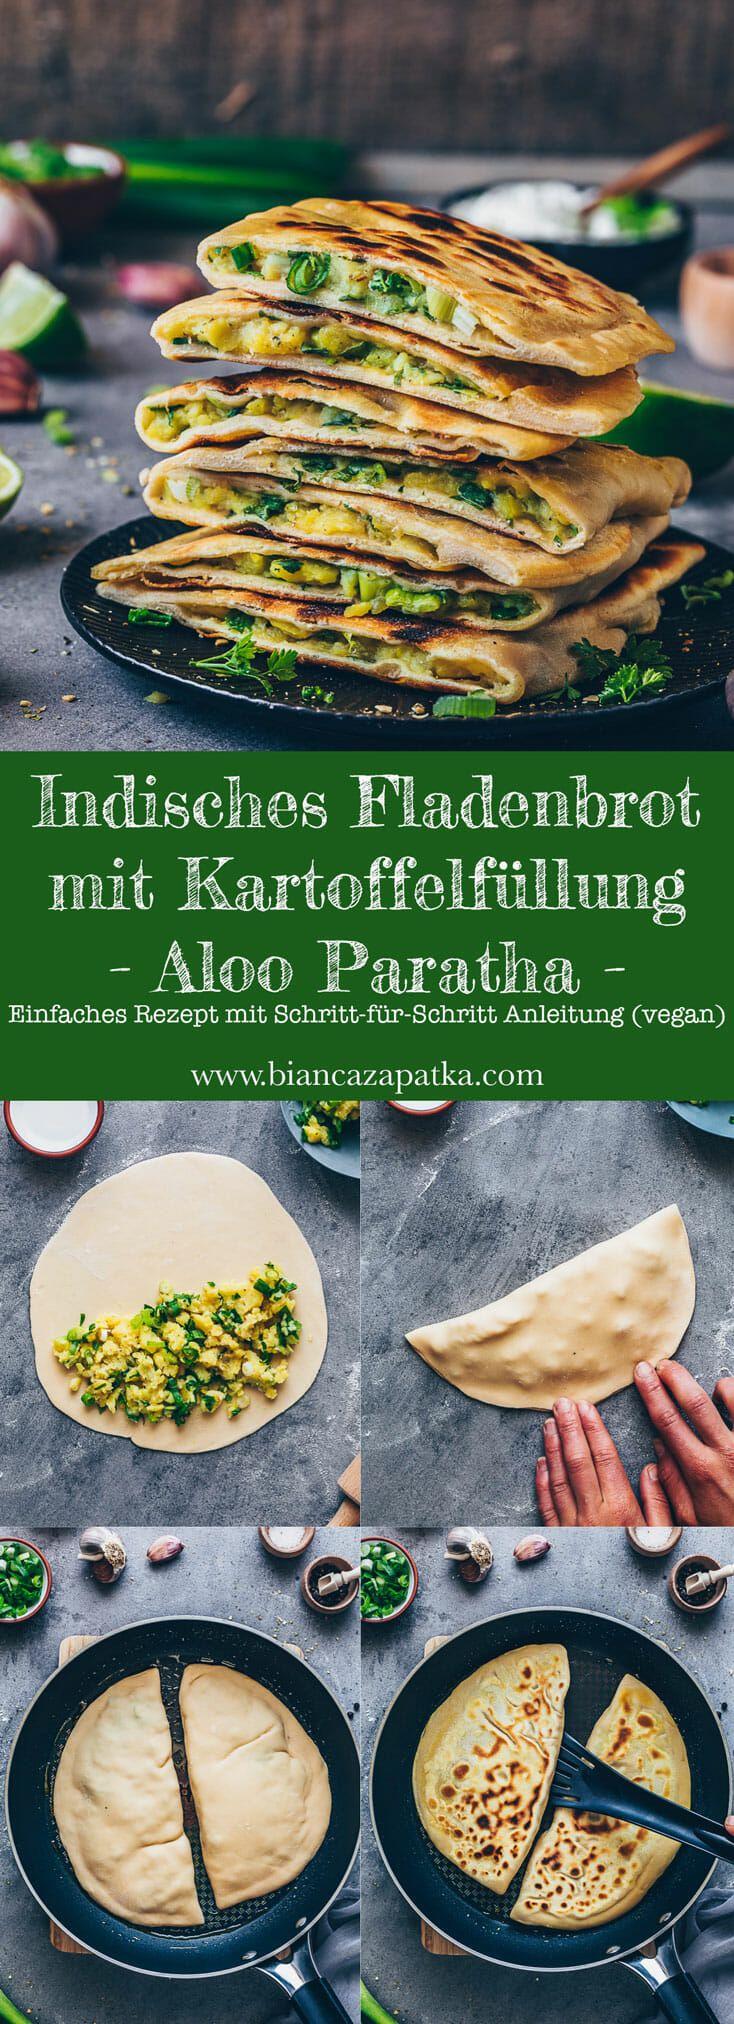 Indisches Fladenbrot mit Kartoffelfüllung (Pfannenbrot) | Aloo Paratha Rezept